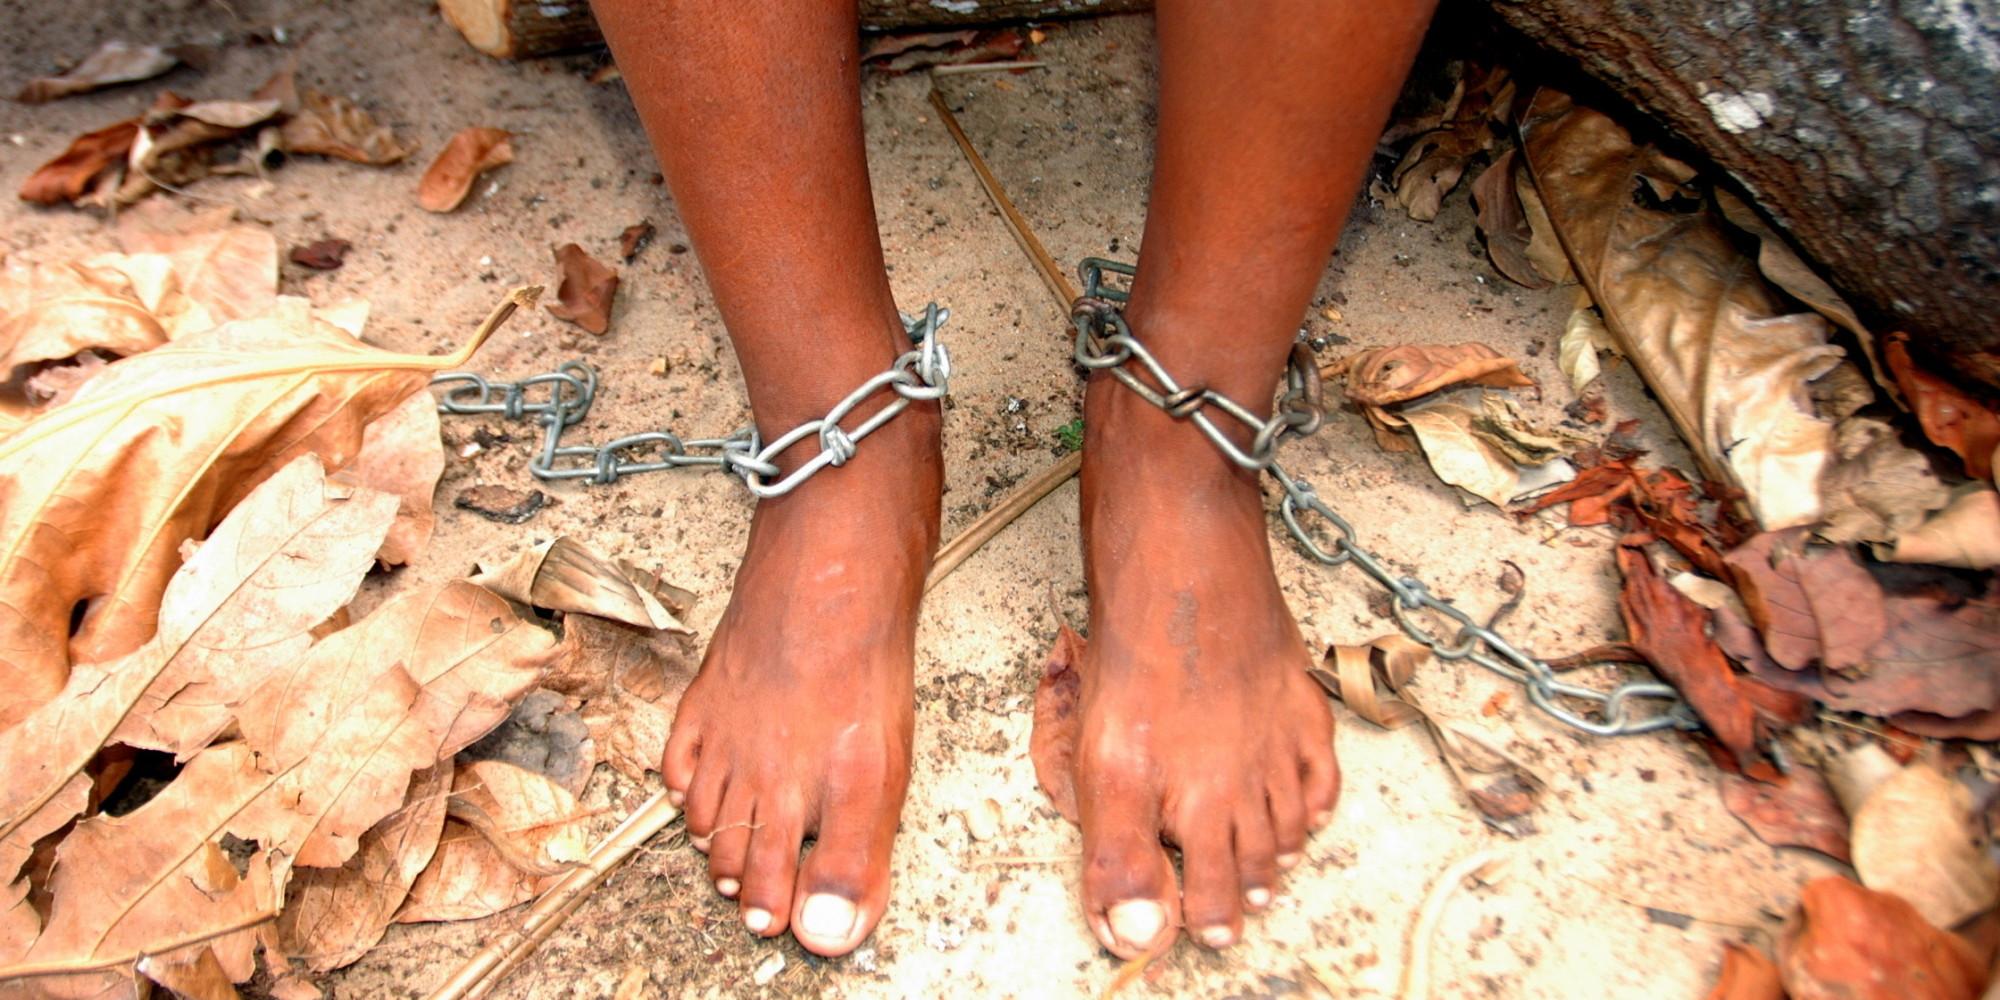 Télécharger l'esclave sexuel forcé